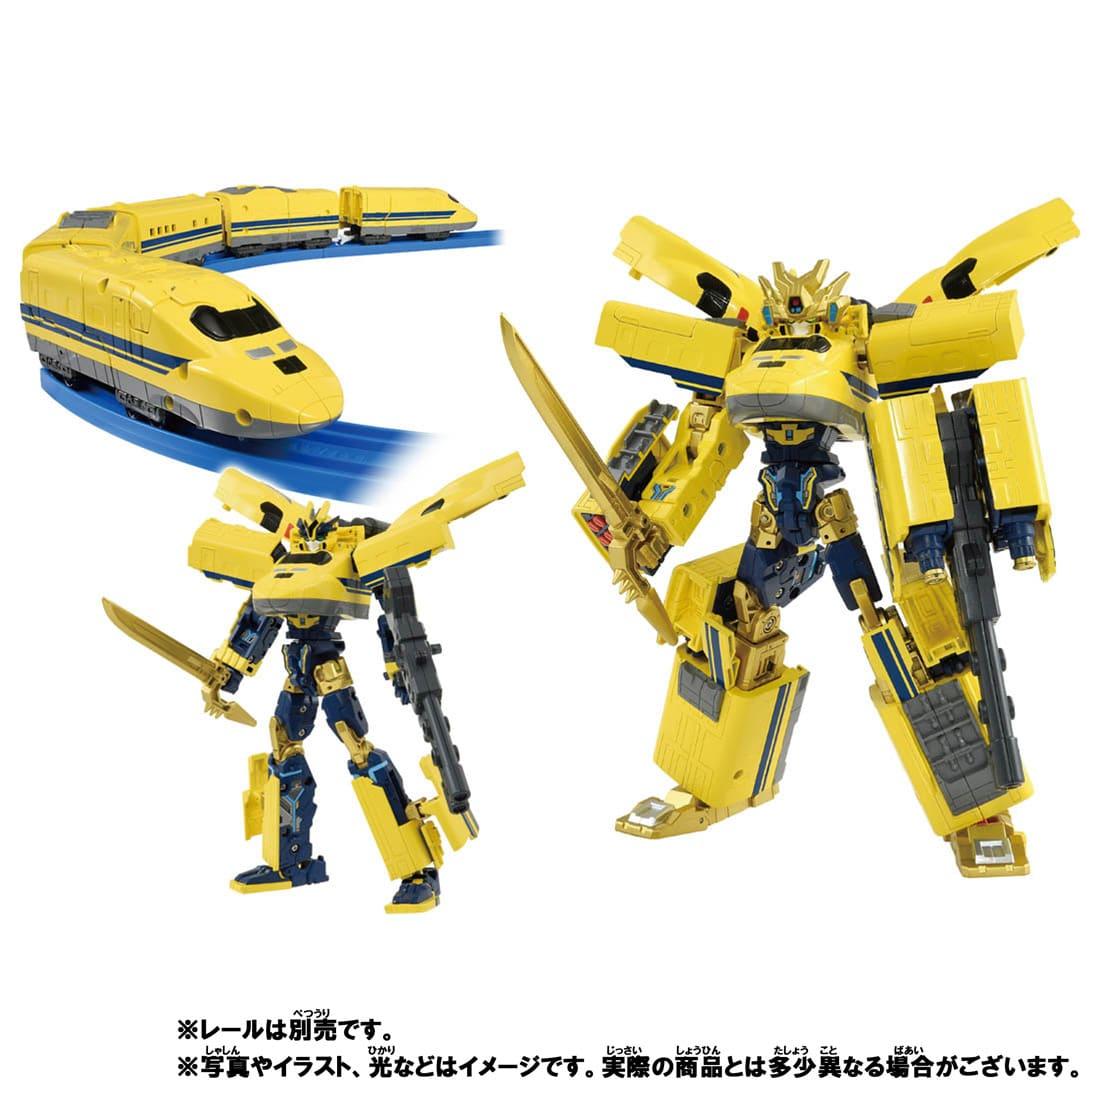 新幹線変形ロボ シンカリオンZ『シンカリオンZ ドクターイエロー』可変合体プラレール-001